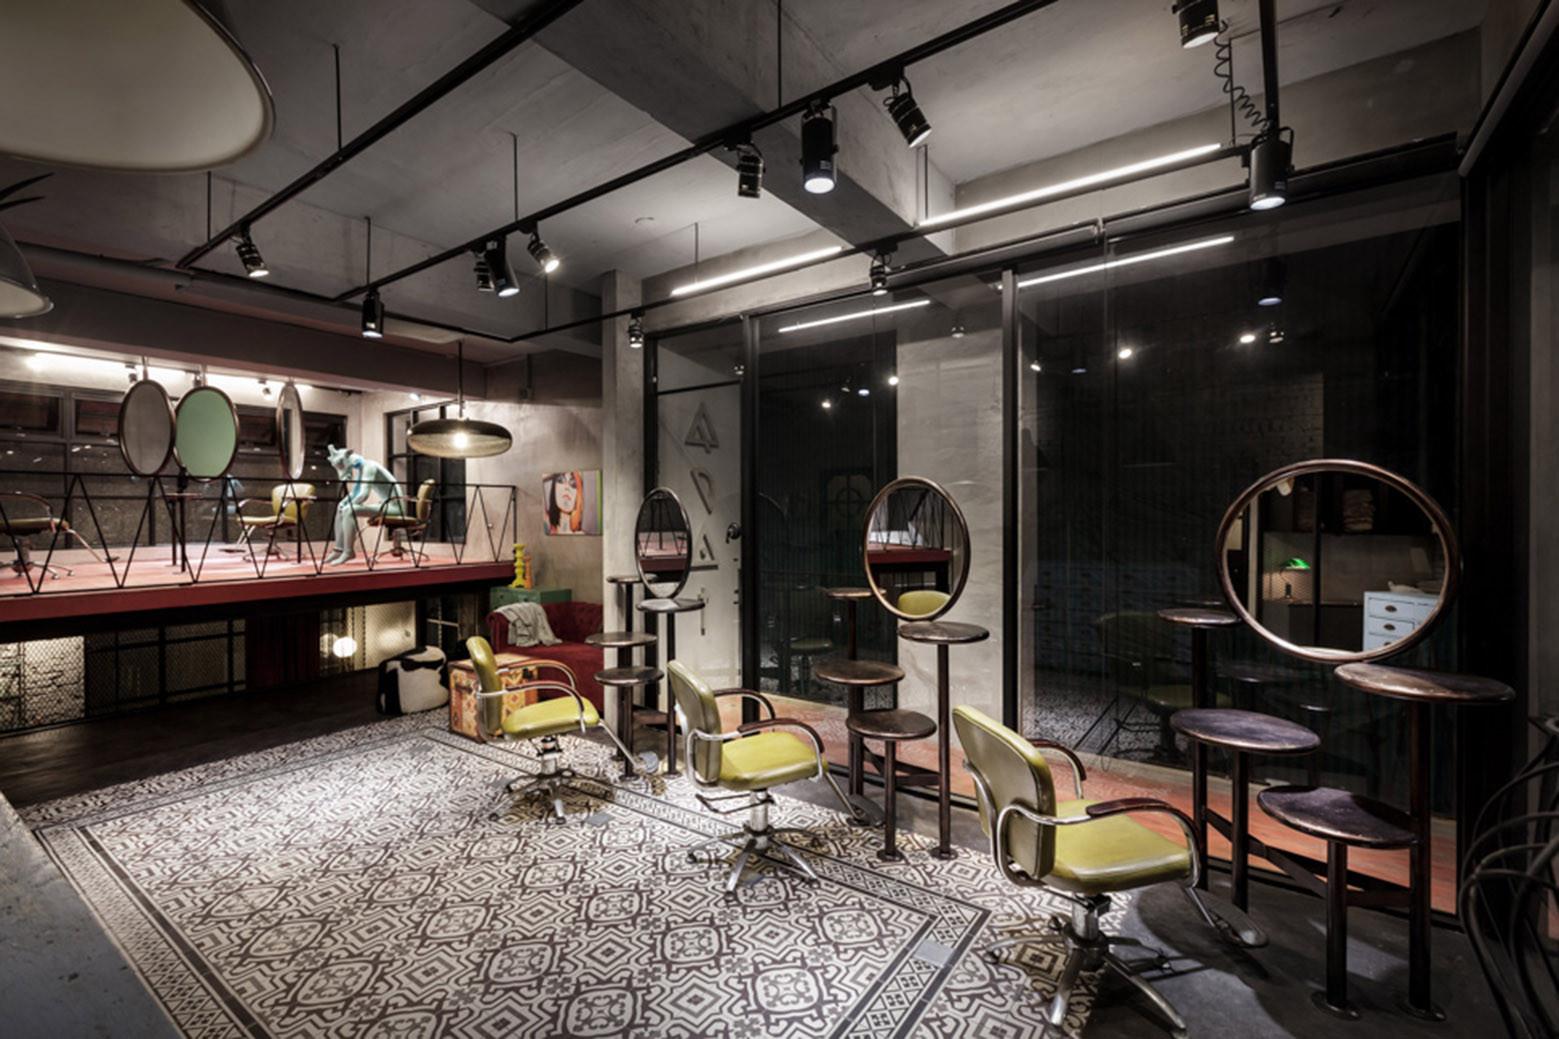 enovation of Split-Level Hair Salon & esidential / HO Design ... - ^